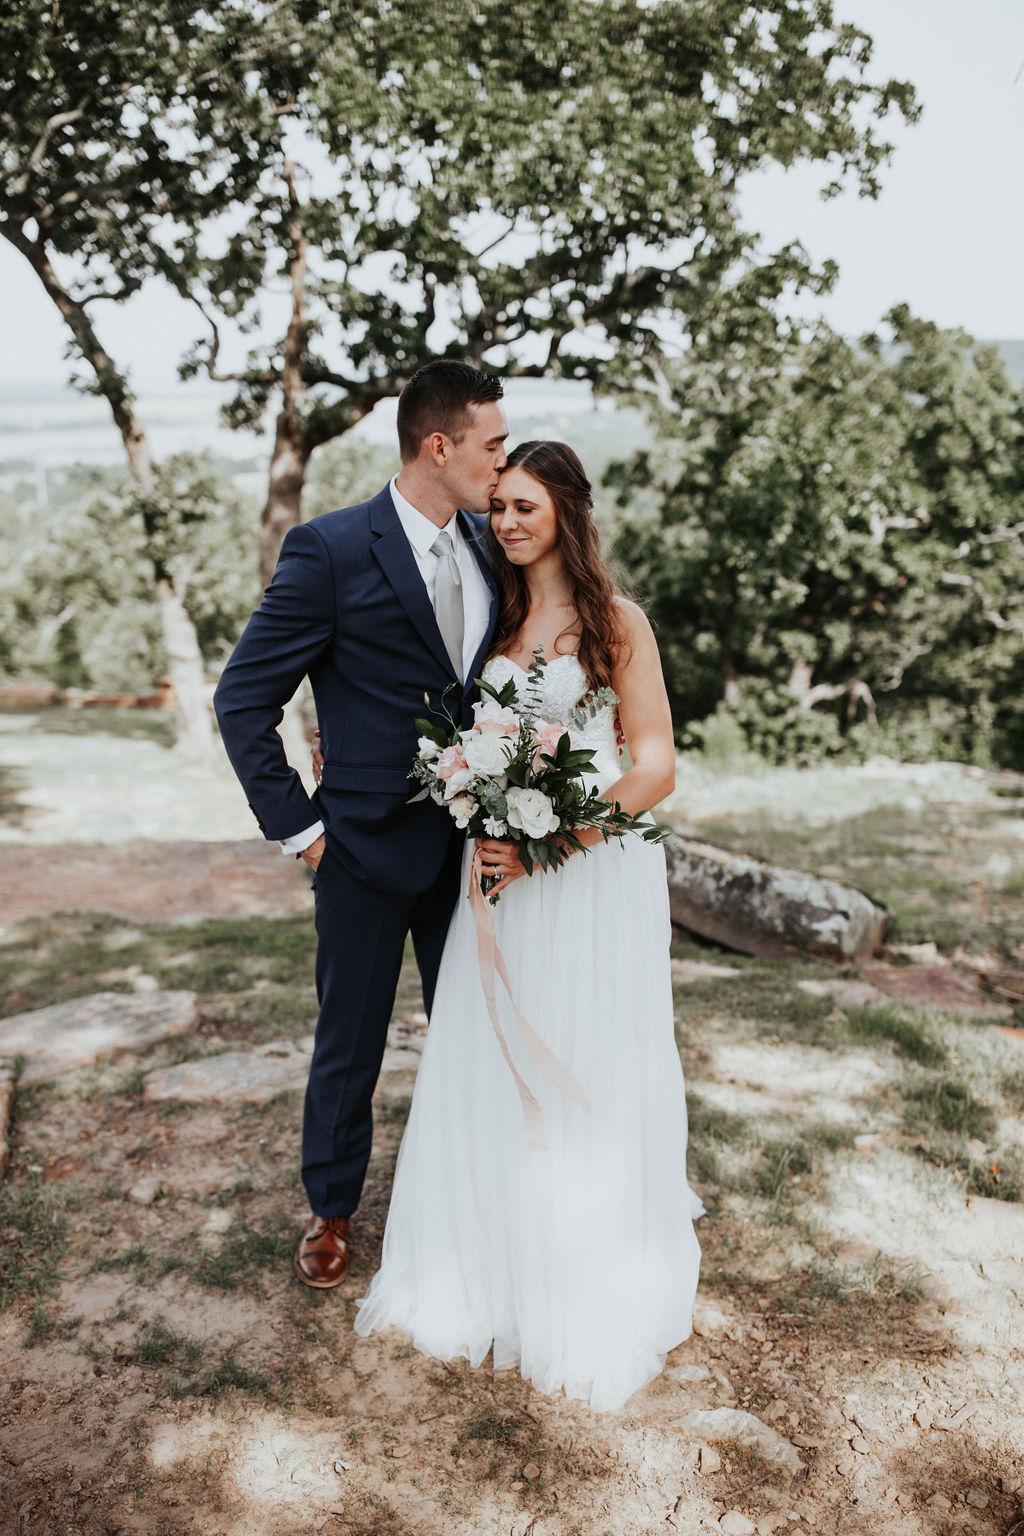 Tulsa Outdoor Wedding Venues 22.jpg